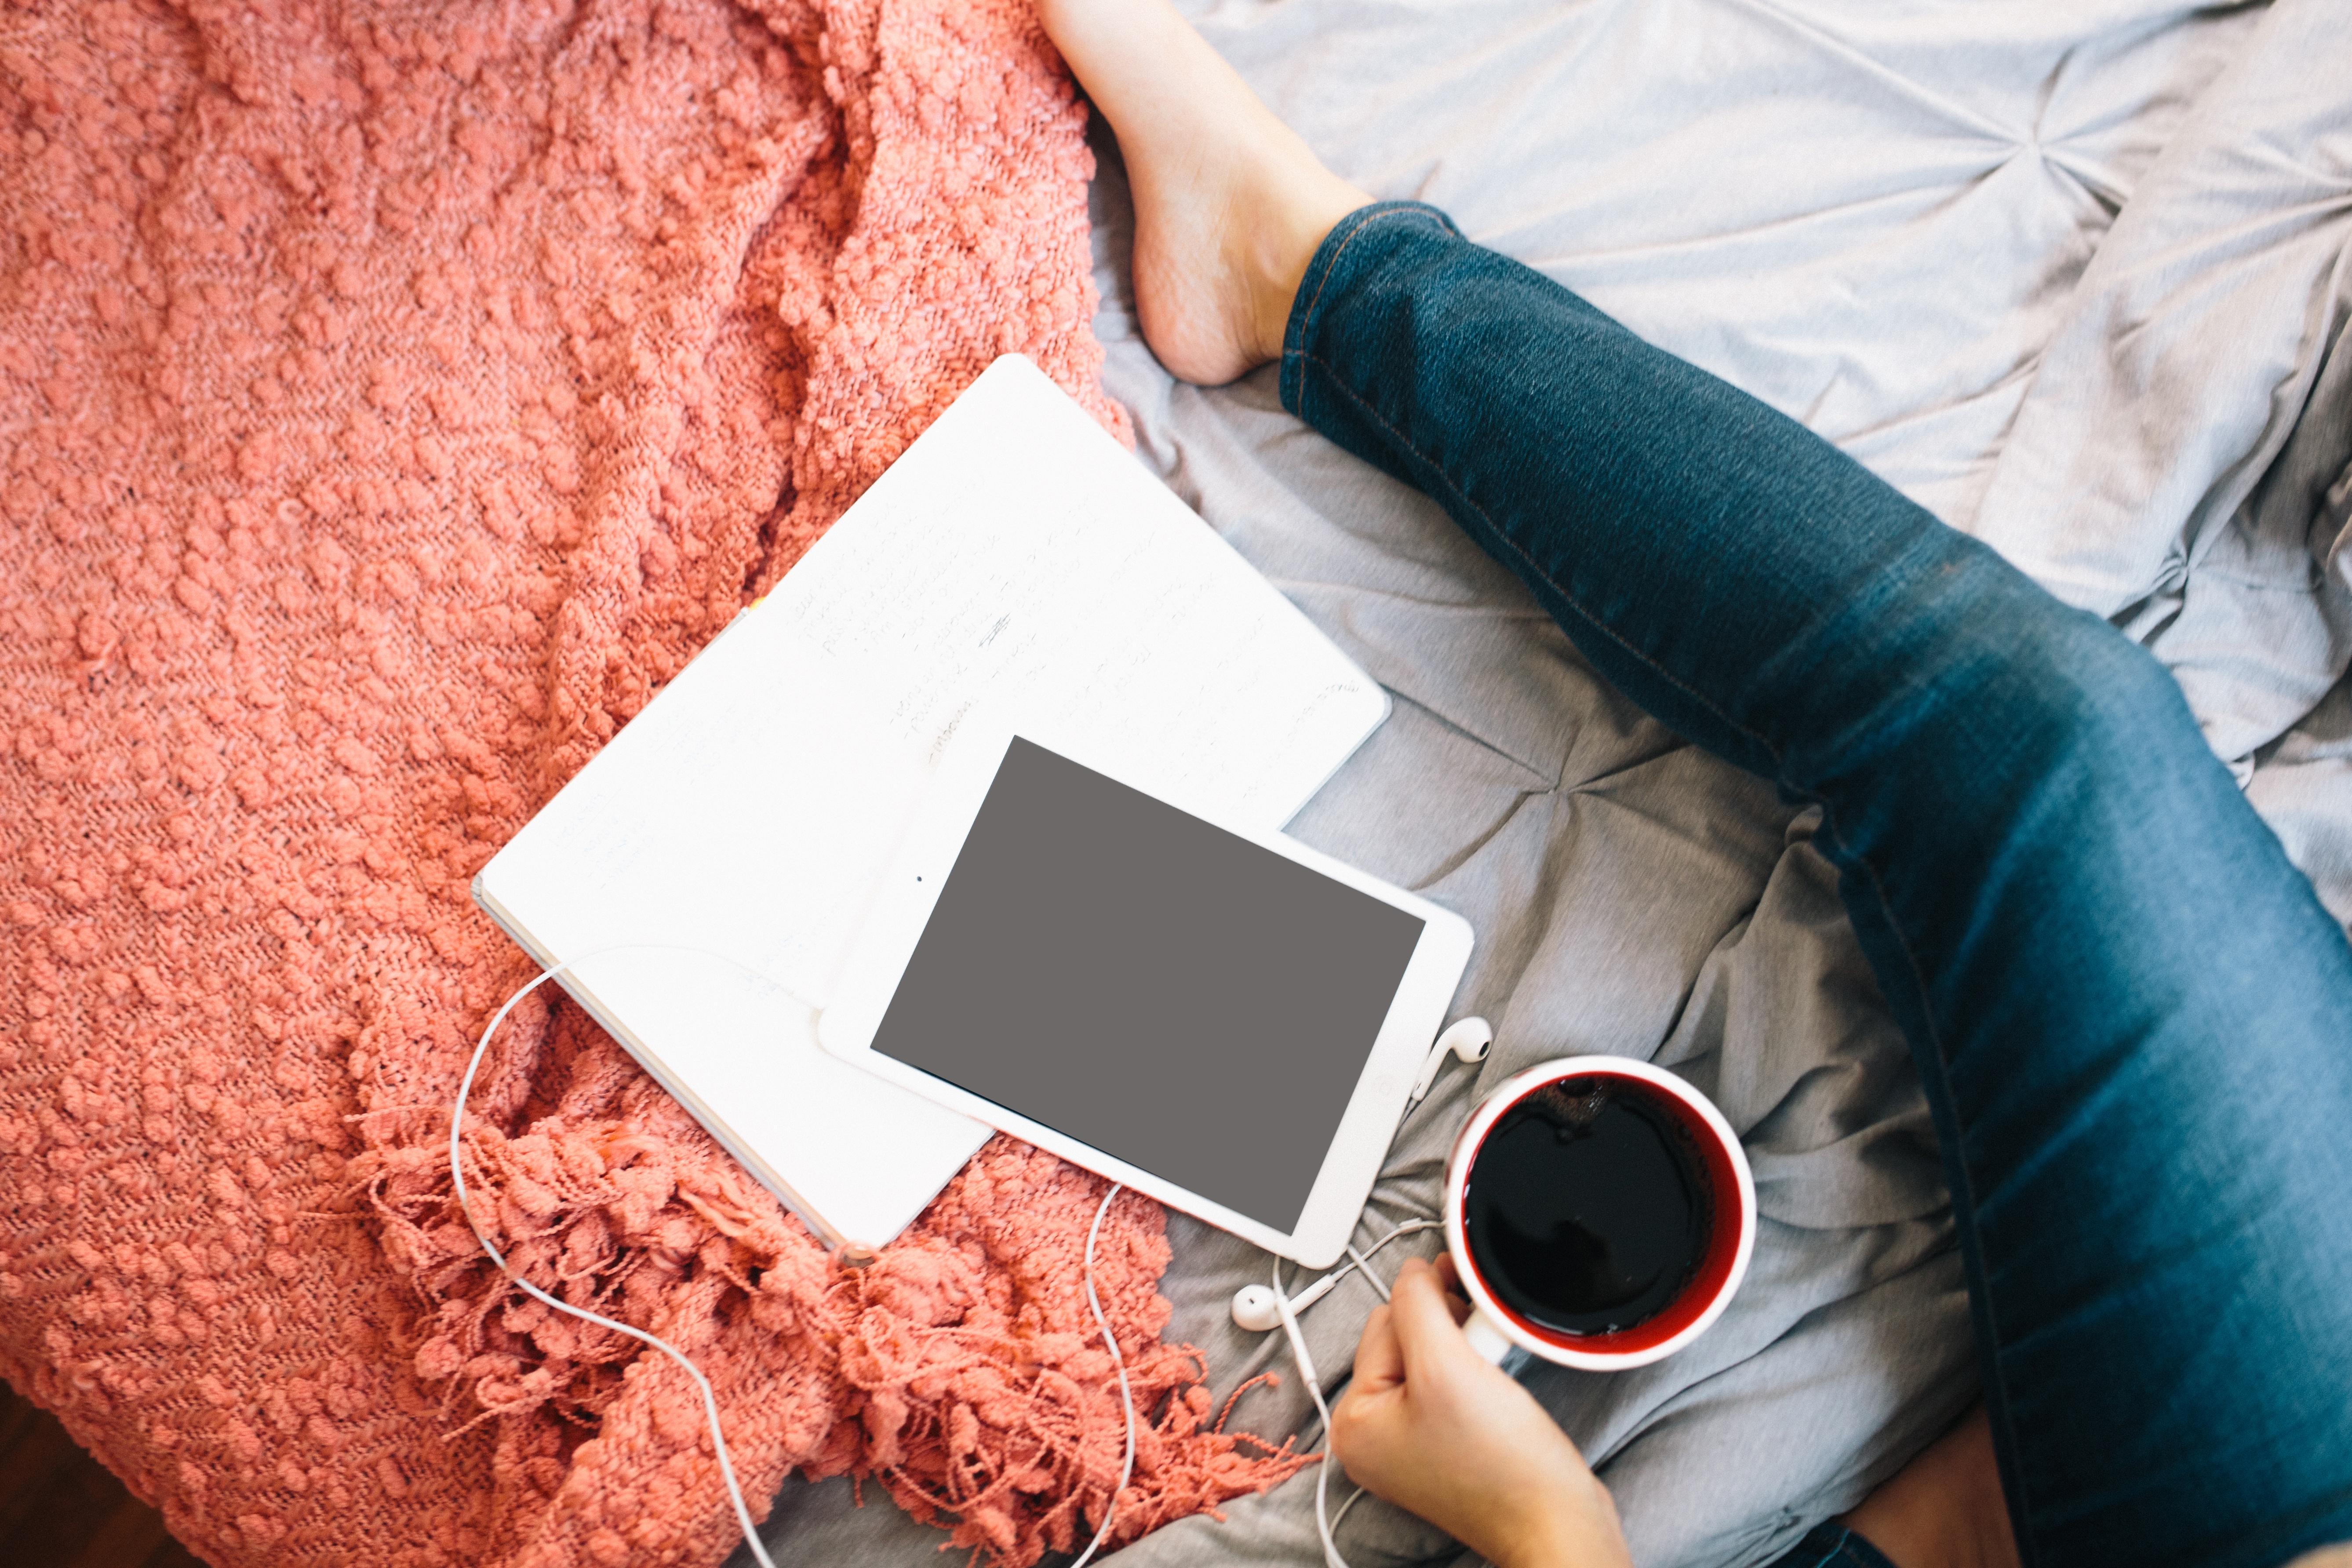 Millennial_working.jpg